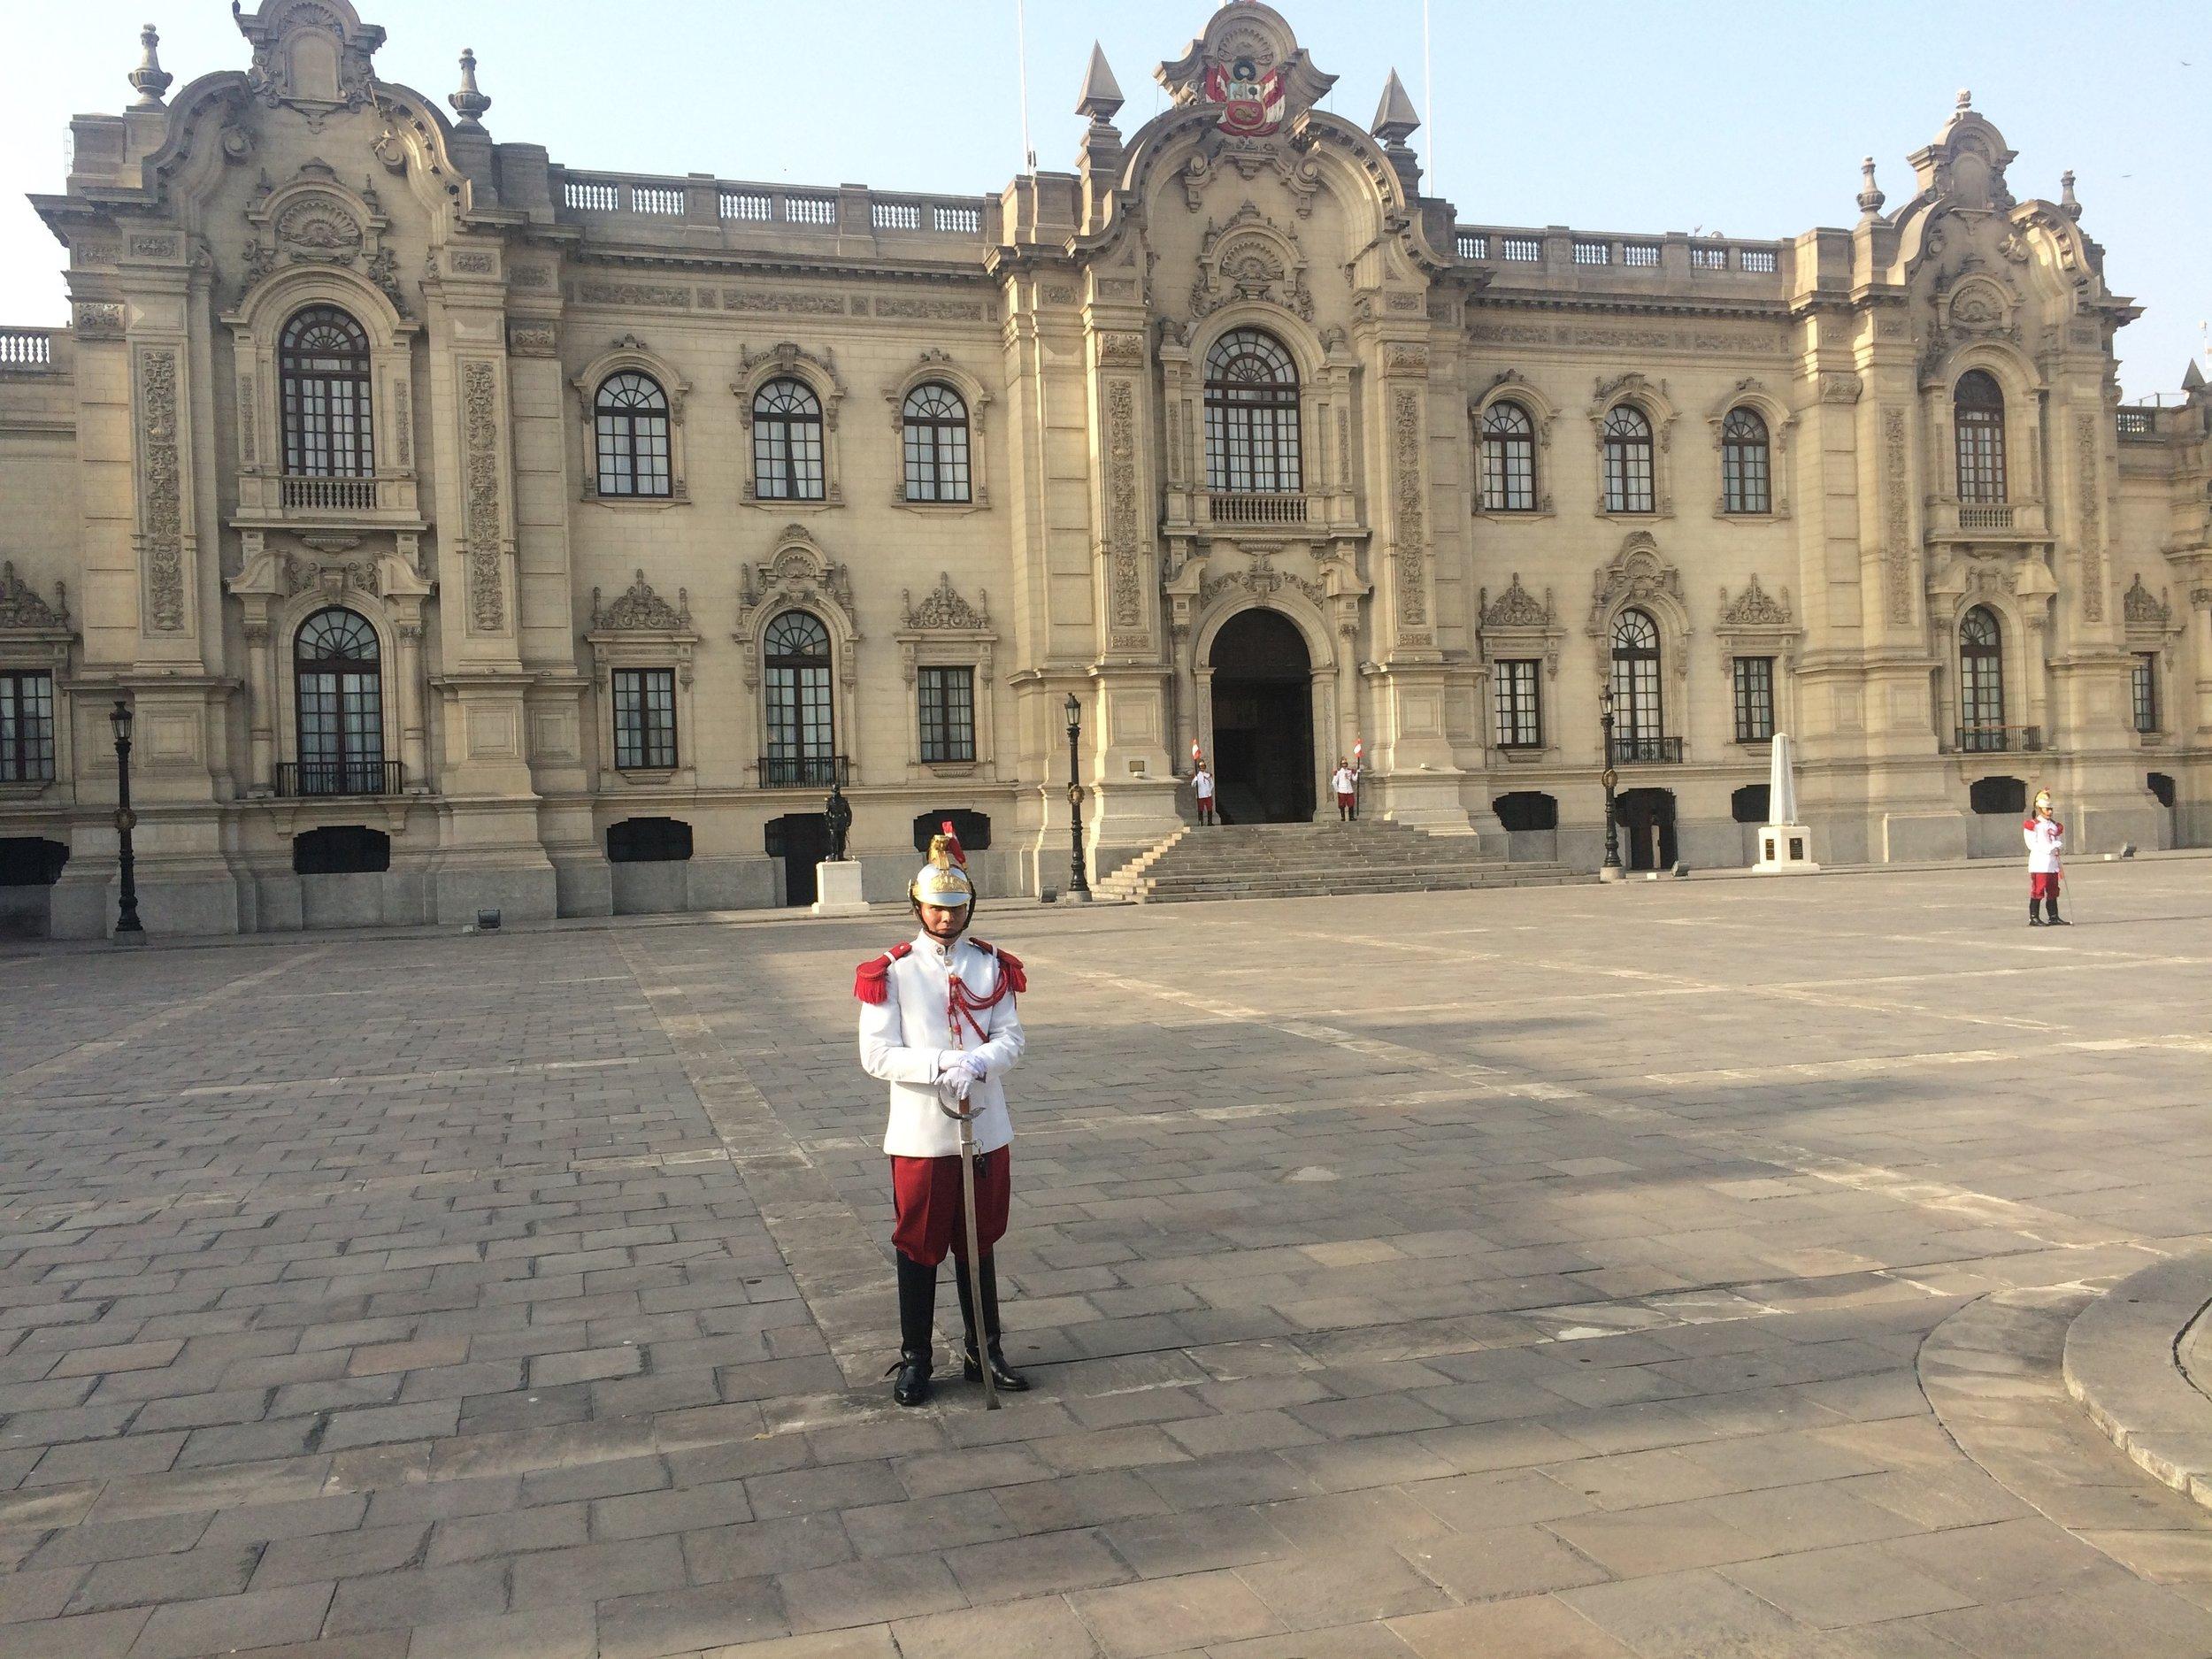 Precedential Palace in Plaza de Aramas.